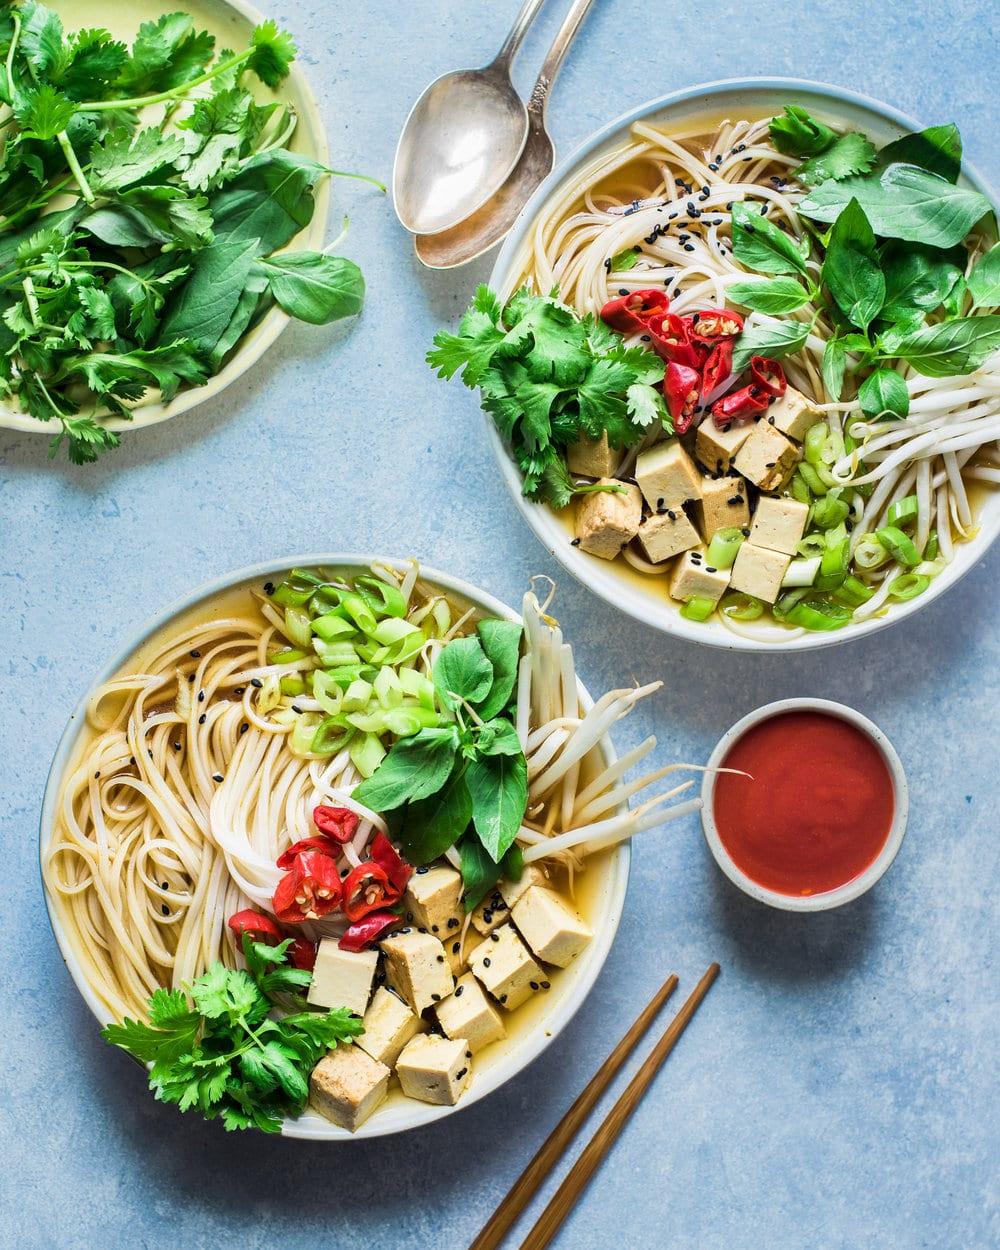 Instant Pot Vegan Pho (Vietnamese Noodle Soup)